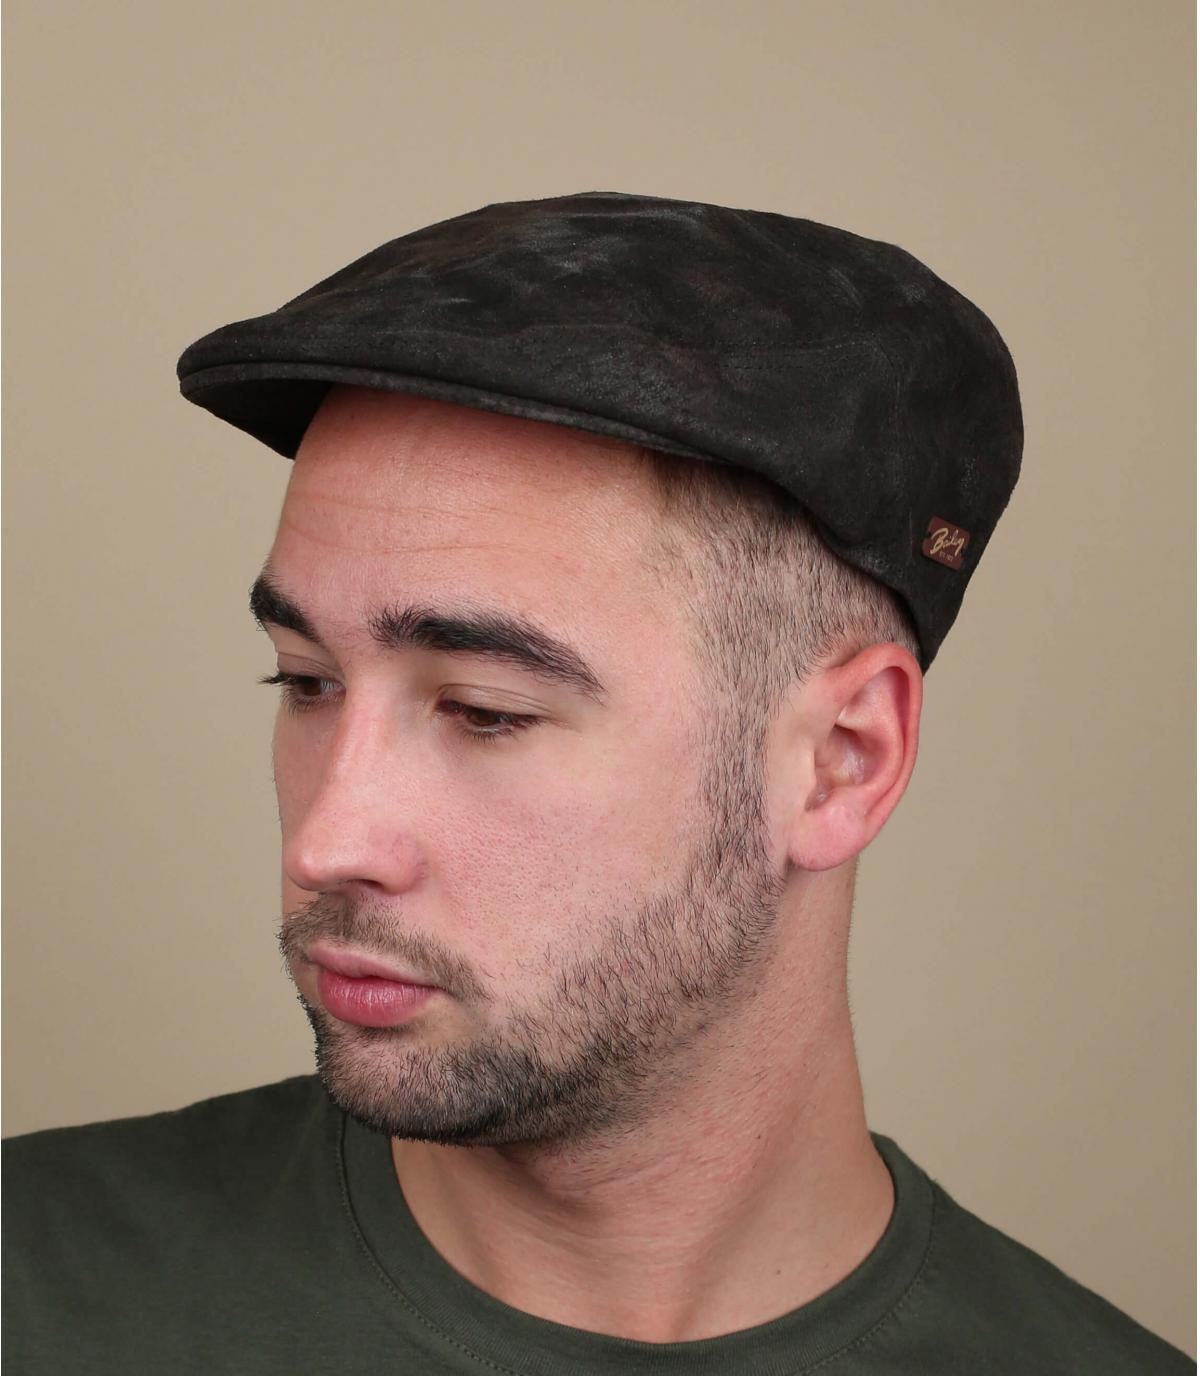 casquillo plano de cuero marrón